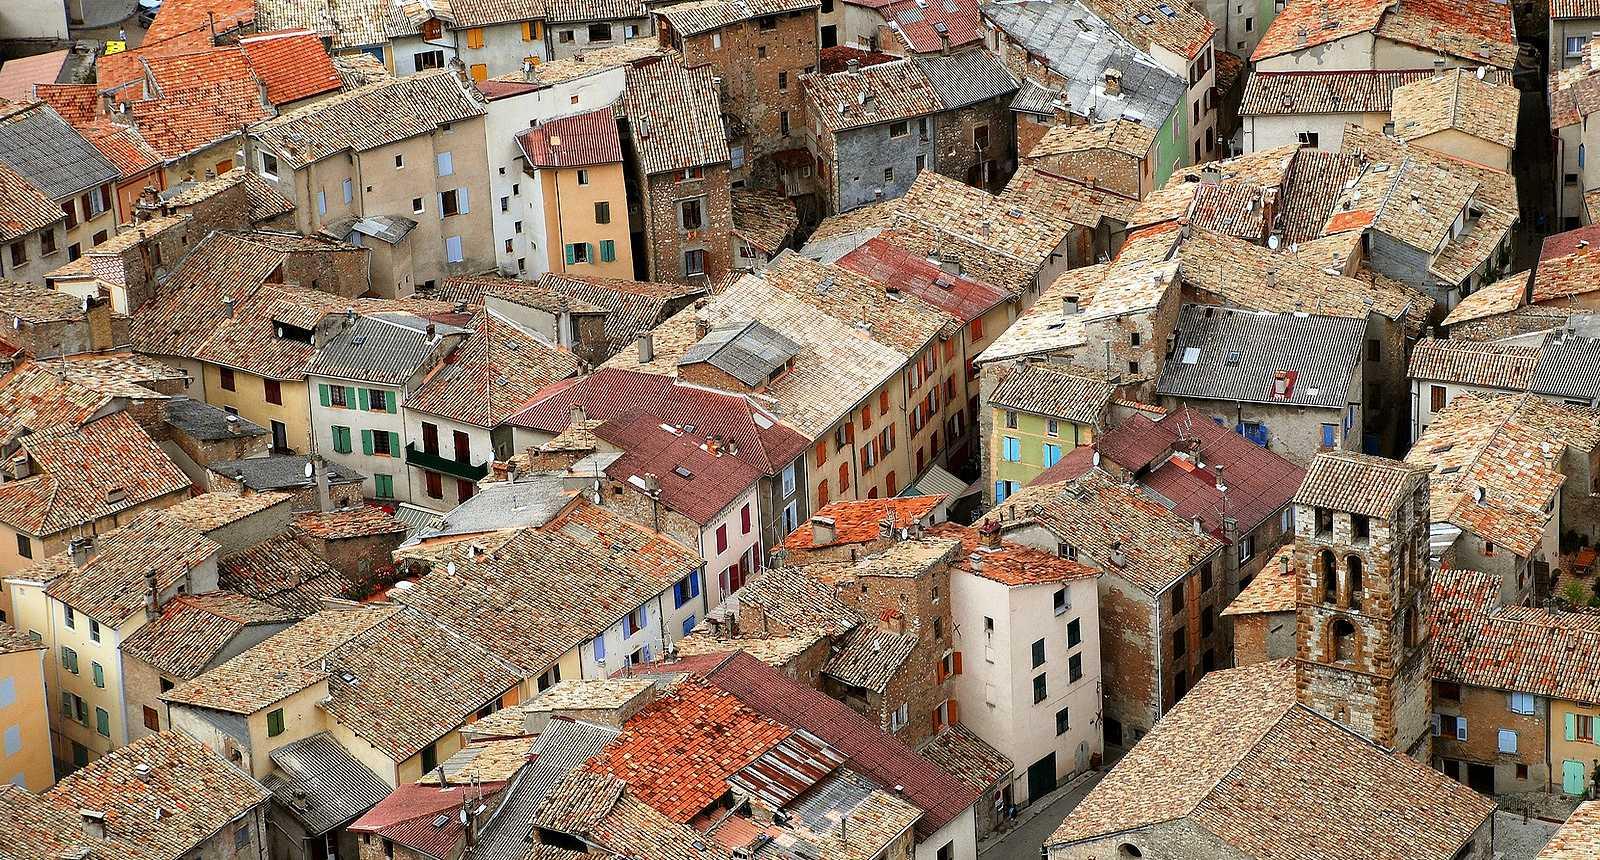 Les toits de Castellane, dans le Verdon